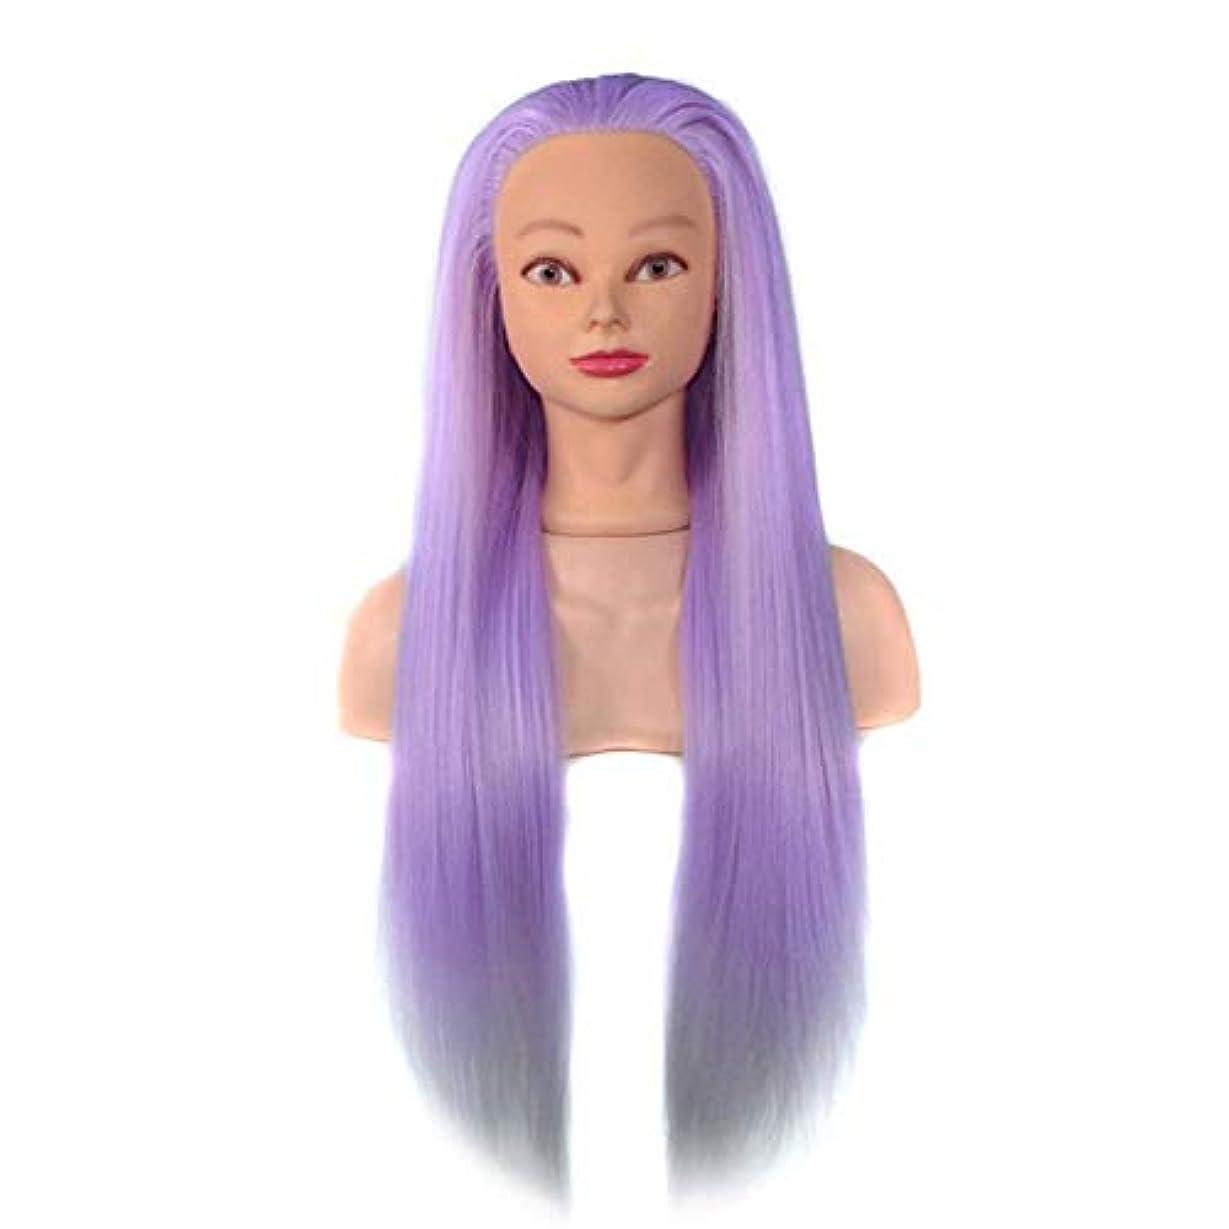 宣言する揮発性一掃するヘアサロンスタイリング練習ヘッドモデル美容院高温シルク花嫁編組トレーニングヘッド人体モデル人形モデル60センチ,Purple